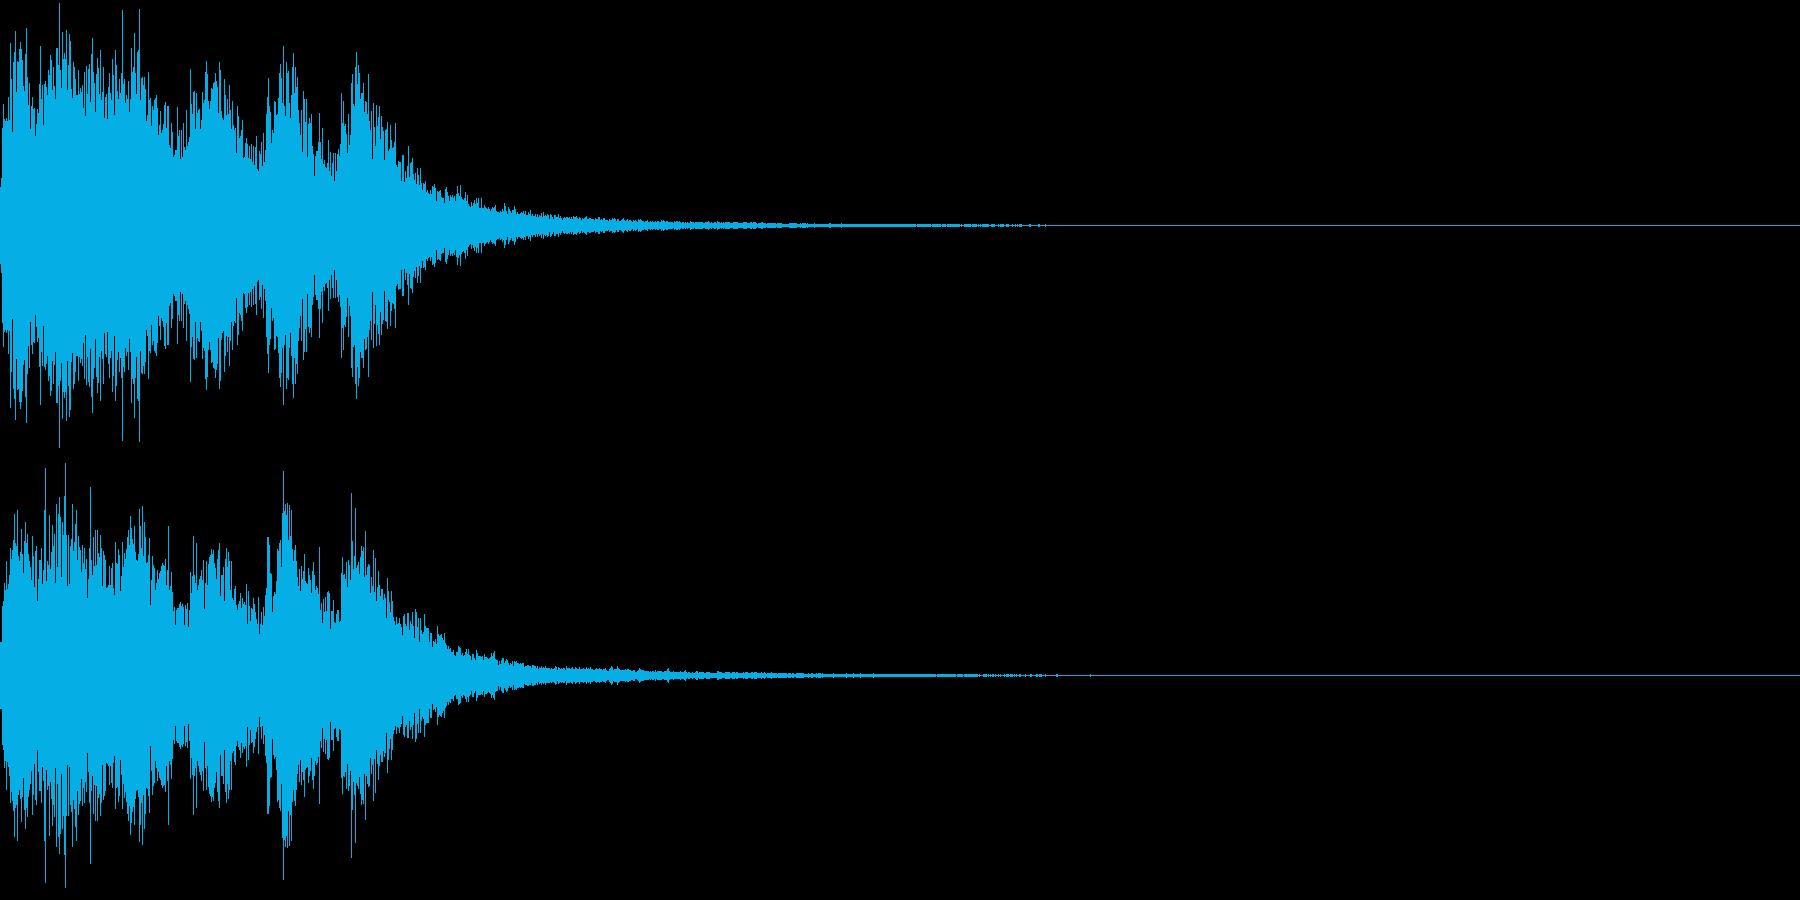 ファンファーレ オーケストラ 豪華 4の再生済みの波形